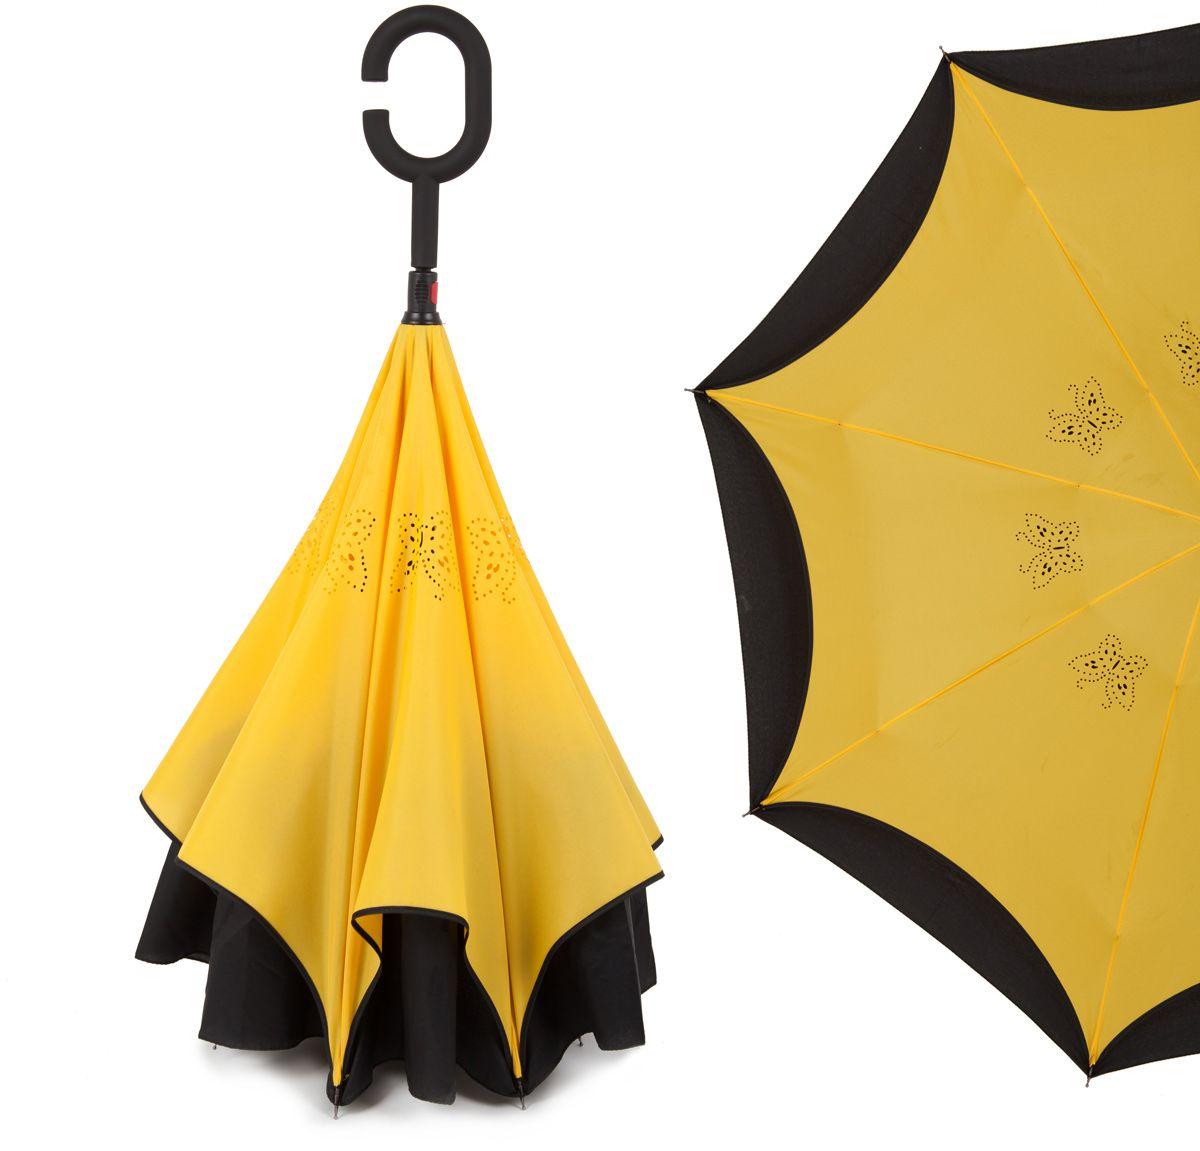 Зонт-трость женский Flioraj, механика, цвет: желтый. 120002 FJ120002 FJОригинальный зонт-трость Flioraj надежно защитит вас от дождя. Зонт складывается внутренней (сухой) стороной наружу, избавляя владельца от контакта с мокрой поверхностью. Приходя в незнакомое место у Вас не будет неловкого момента от того, что некуда убрать мокрый зонт - Вы сможете спокойно высушить его позже, закончив свои дела. Зонт Miracle очень удобен для автомобилистов: садясь в машину, Вы аккуратно закрываете зонт, не уронив ни одной капли воды в салоне. Удобная ручка с гипоаллергенным покрытием Soft-Touch позволяет высвободить обе руки - Вы спокойно можете пользоваться телефоном, а зонт будет надежно держаться на Вашем запястье, защищая от капризов природы. Яркая расцветка и рисунок по внутренней части зонта поднимут Вам настроение! С таким зонтом больше ничто не испортит Ваших планов!рисунок по внутренней части зонта поднимут Вам настроение! С таким зонтом больше ничто не испортит Ваших планов!